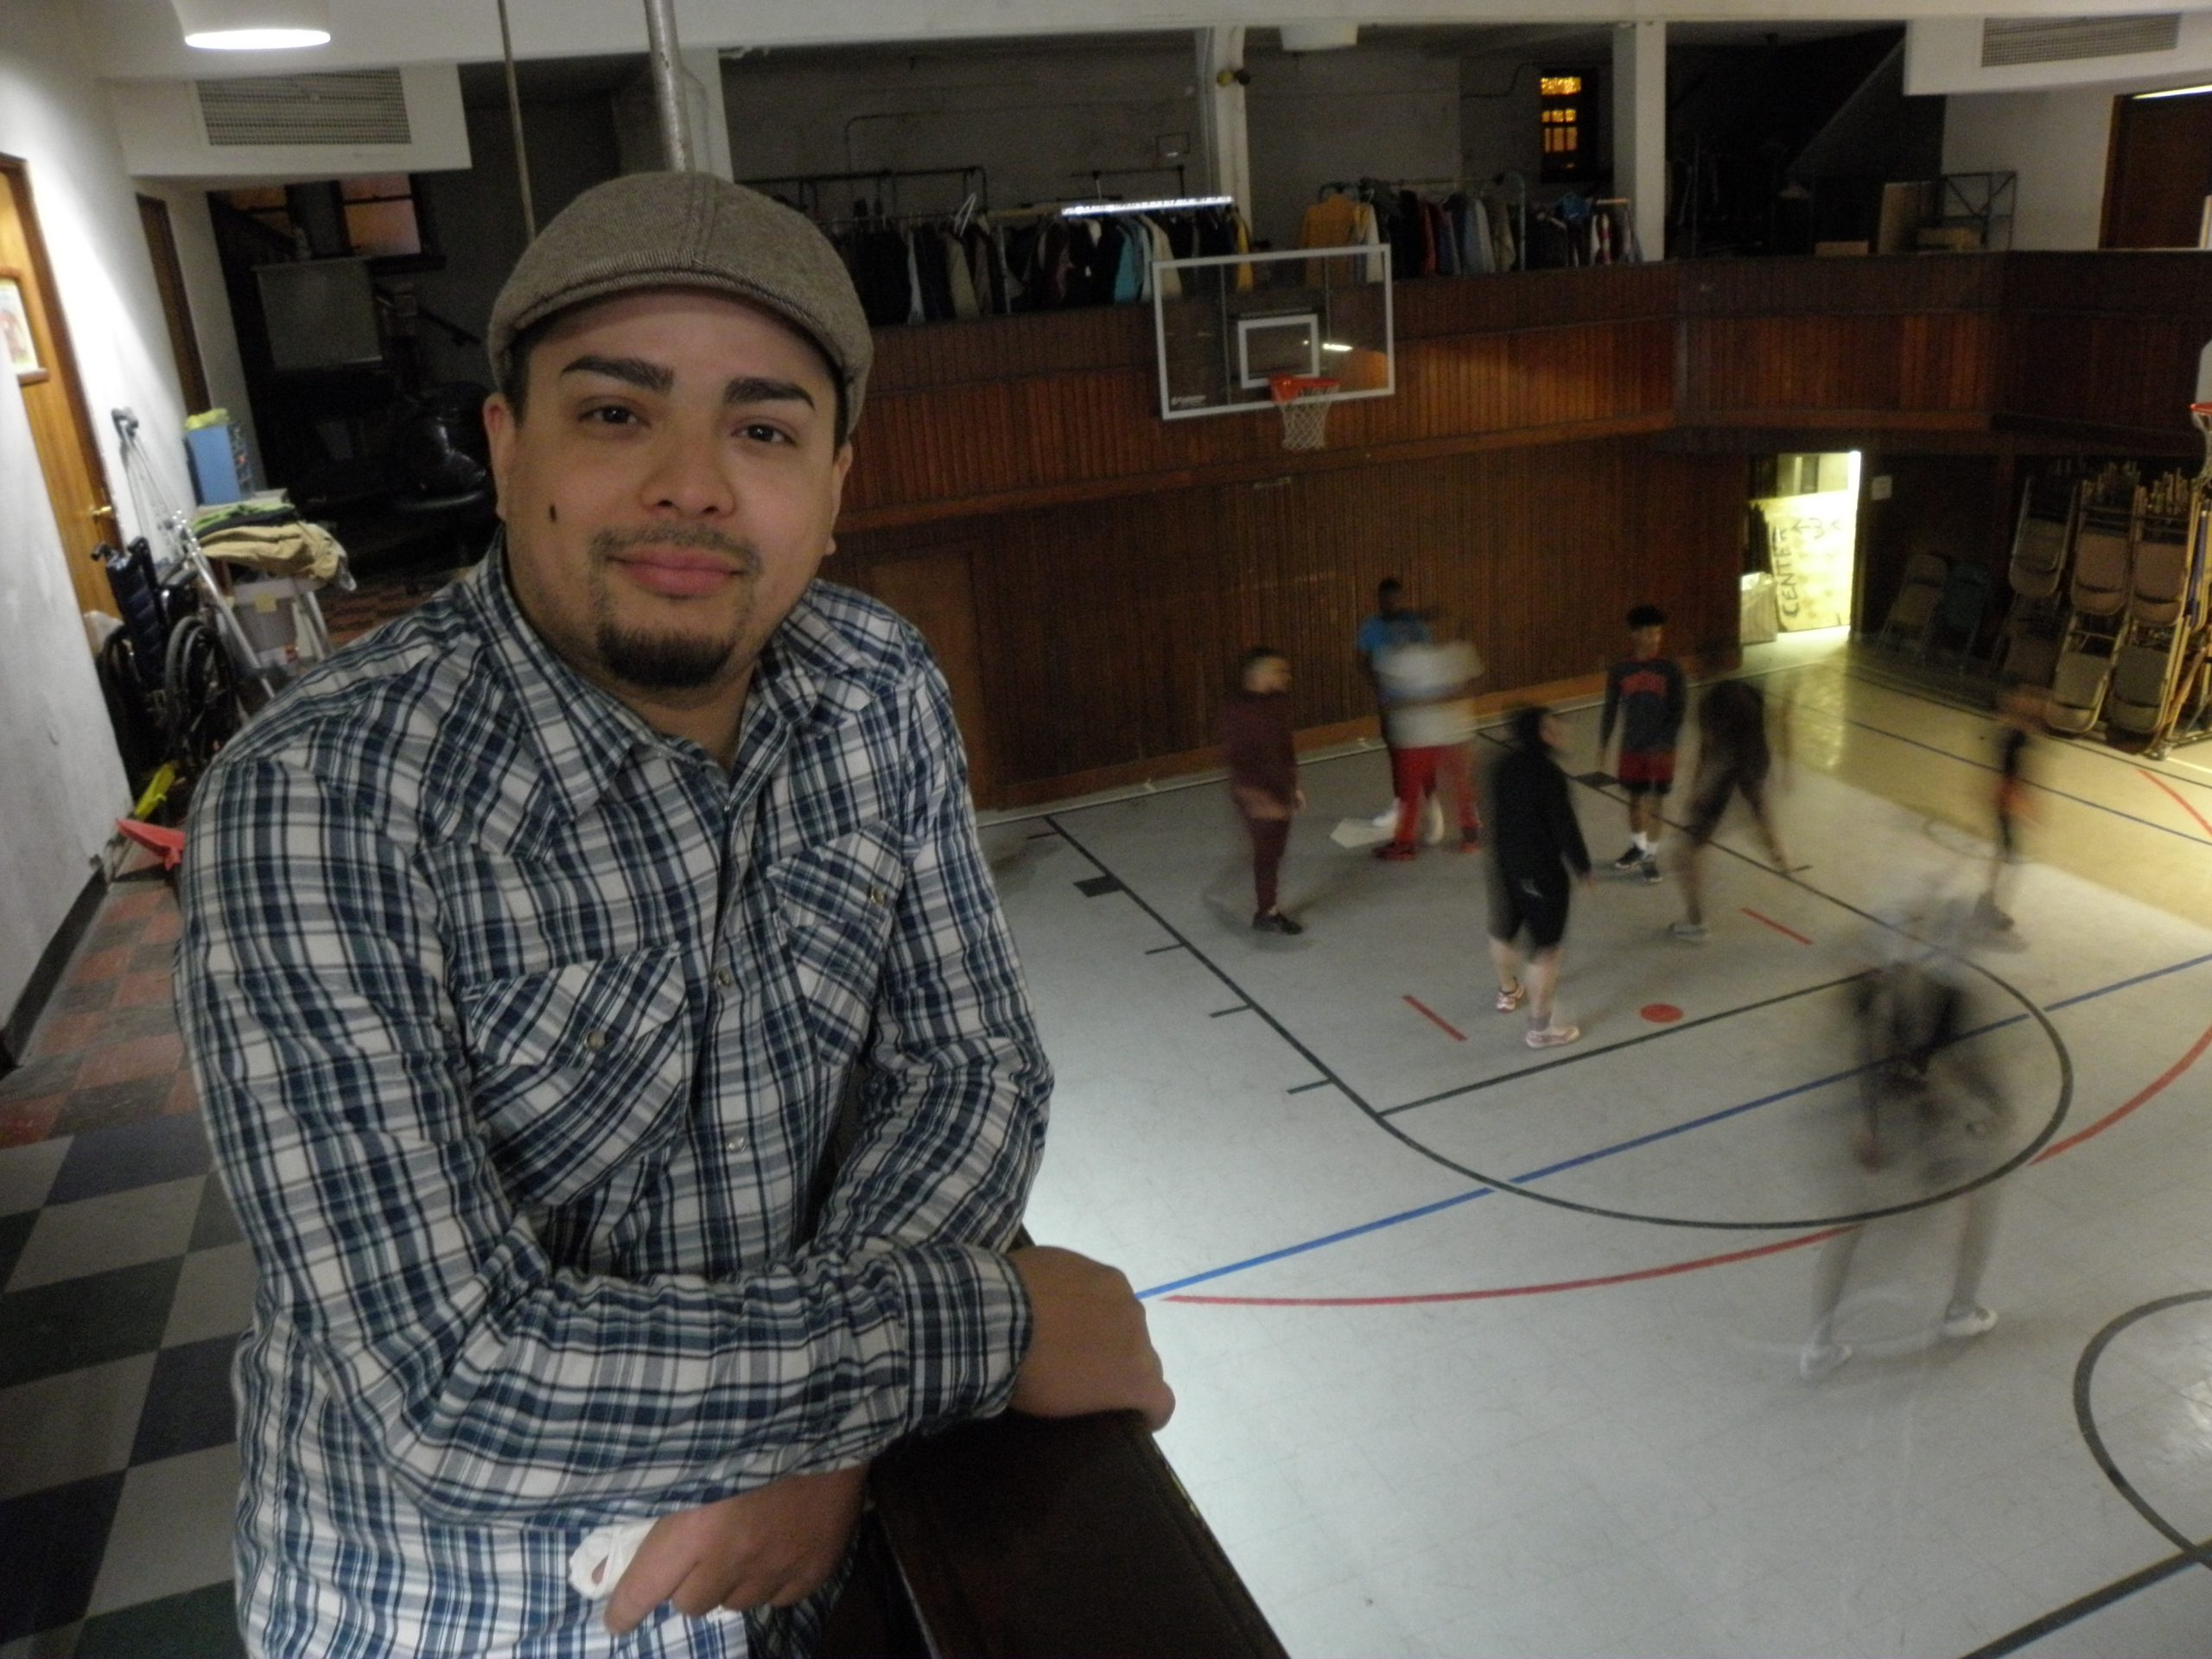 Reinaldo De Jesus at Denison Ave UCC gym, 12/17/19